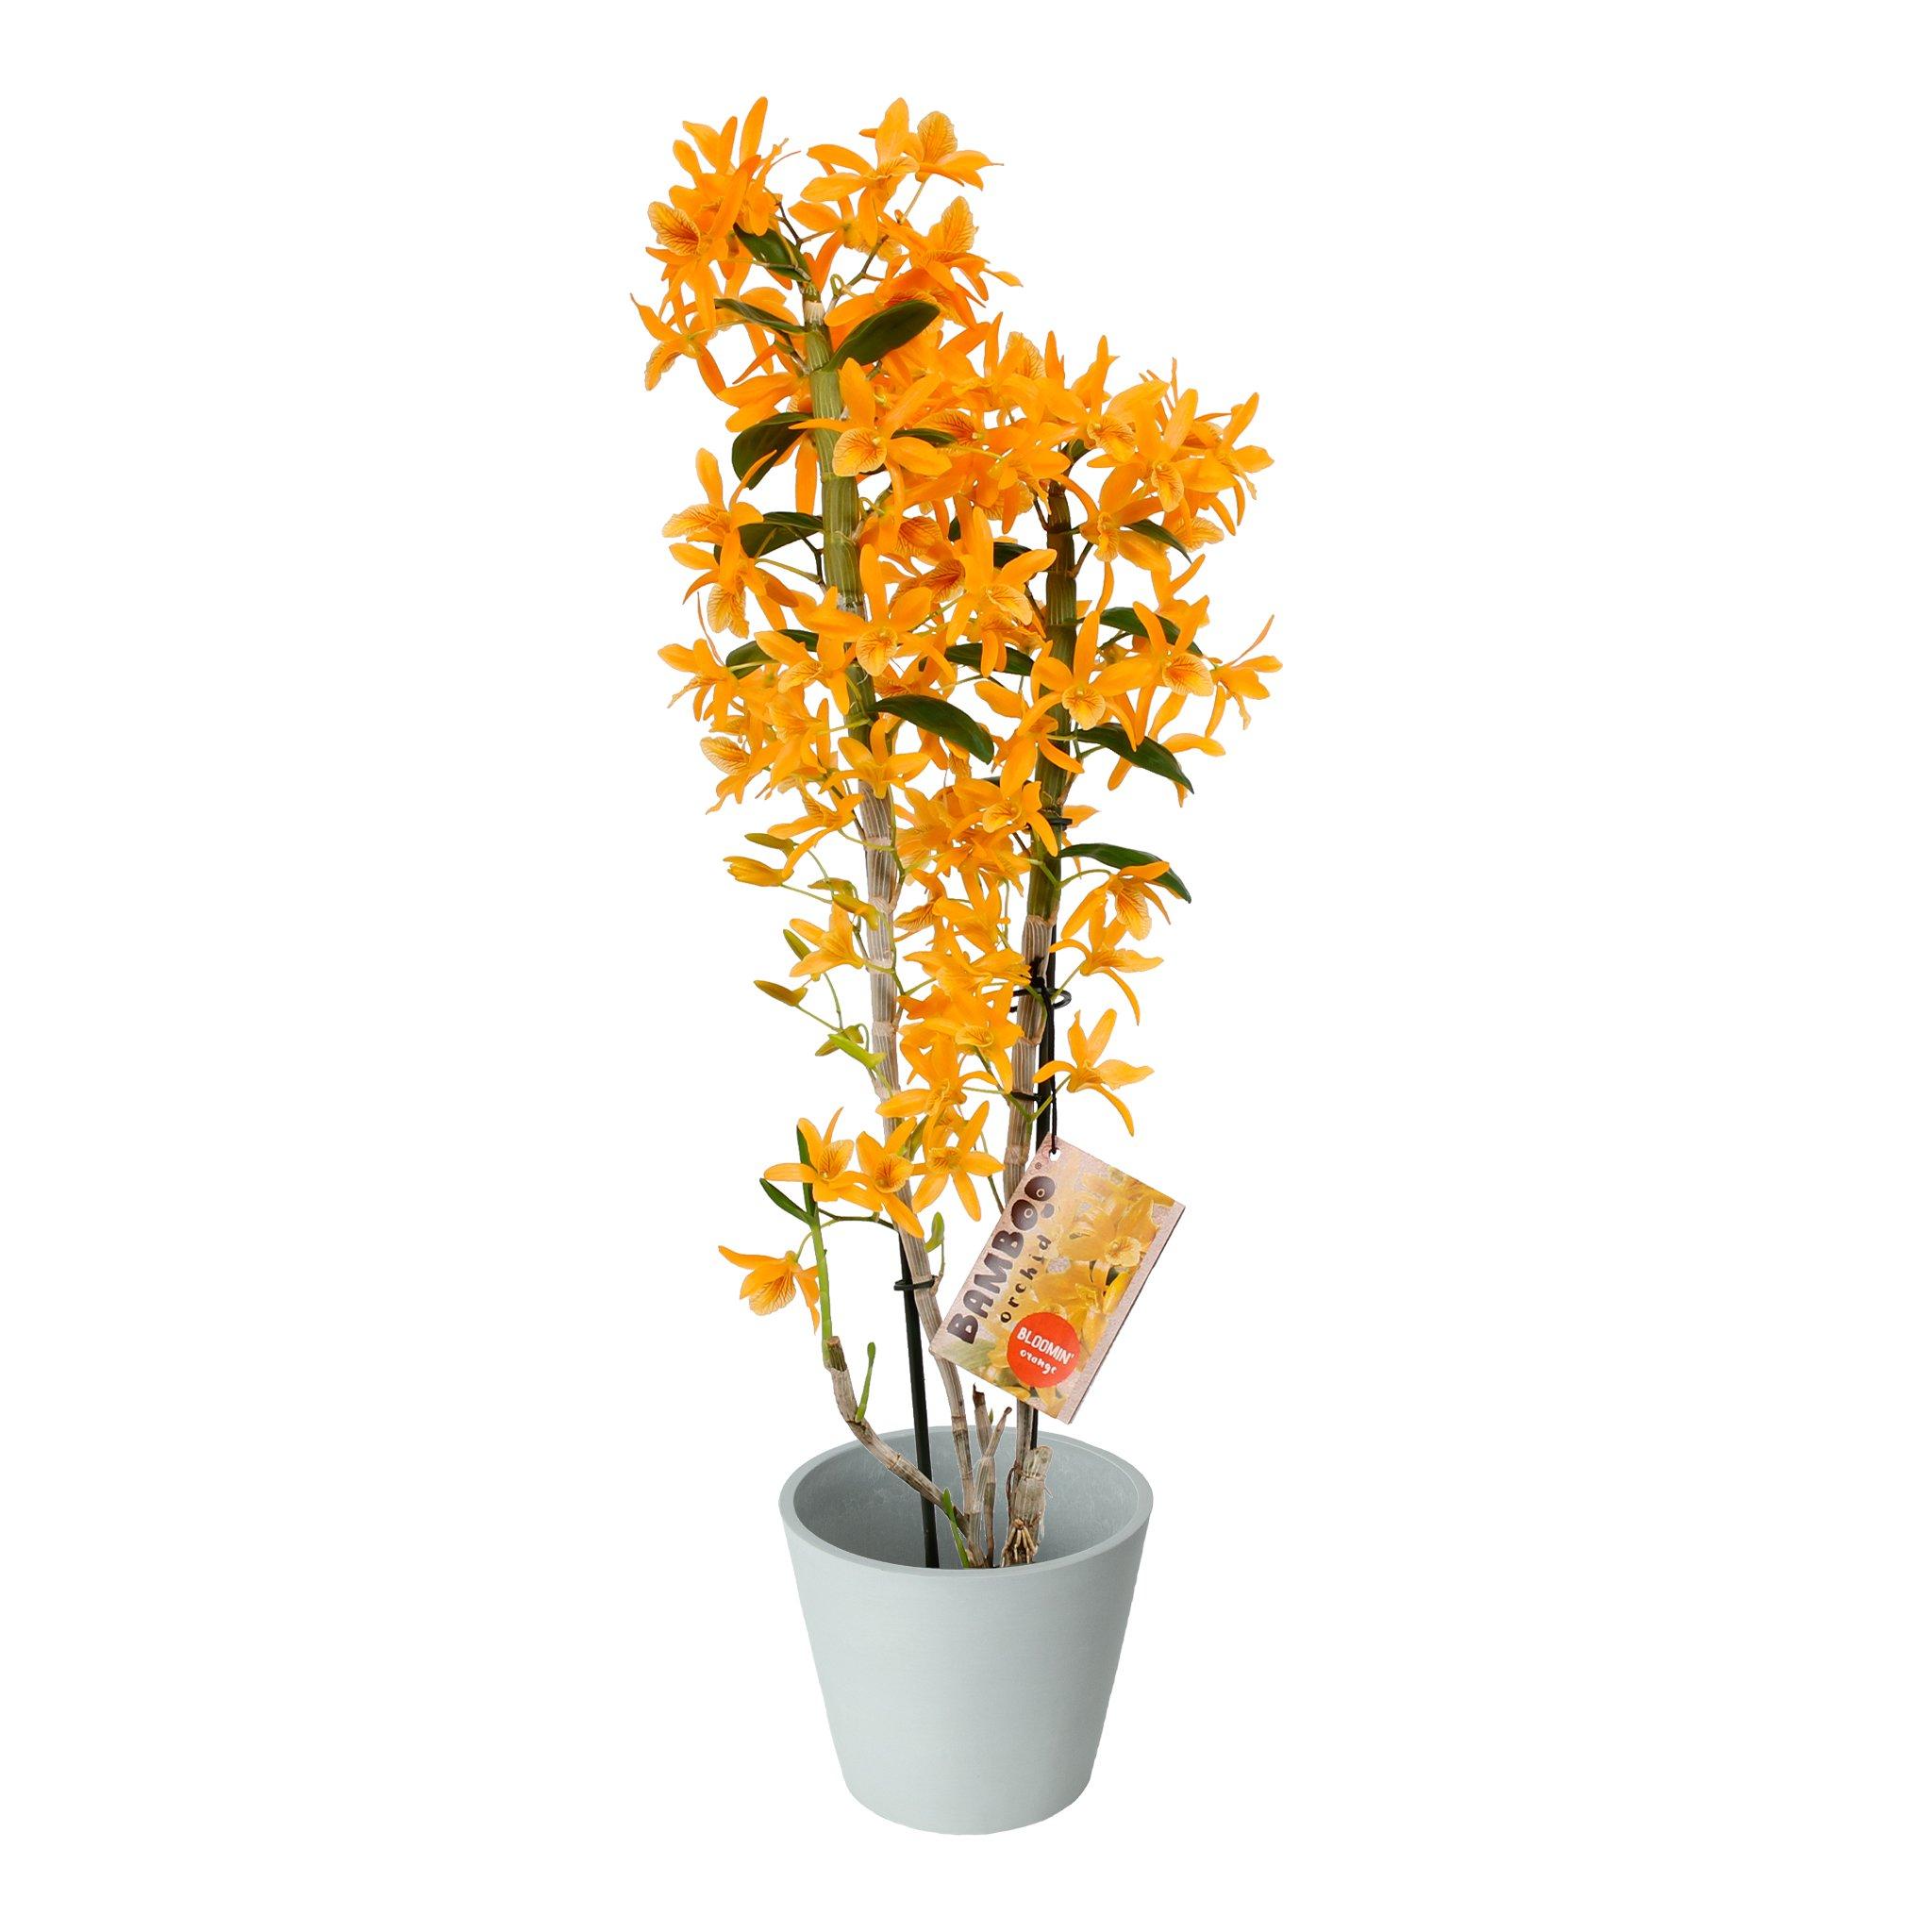 Plante d'intérieur - Orchidée Bambou orange en pot blanc gris